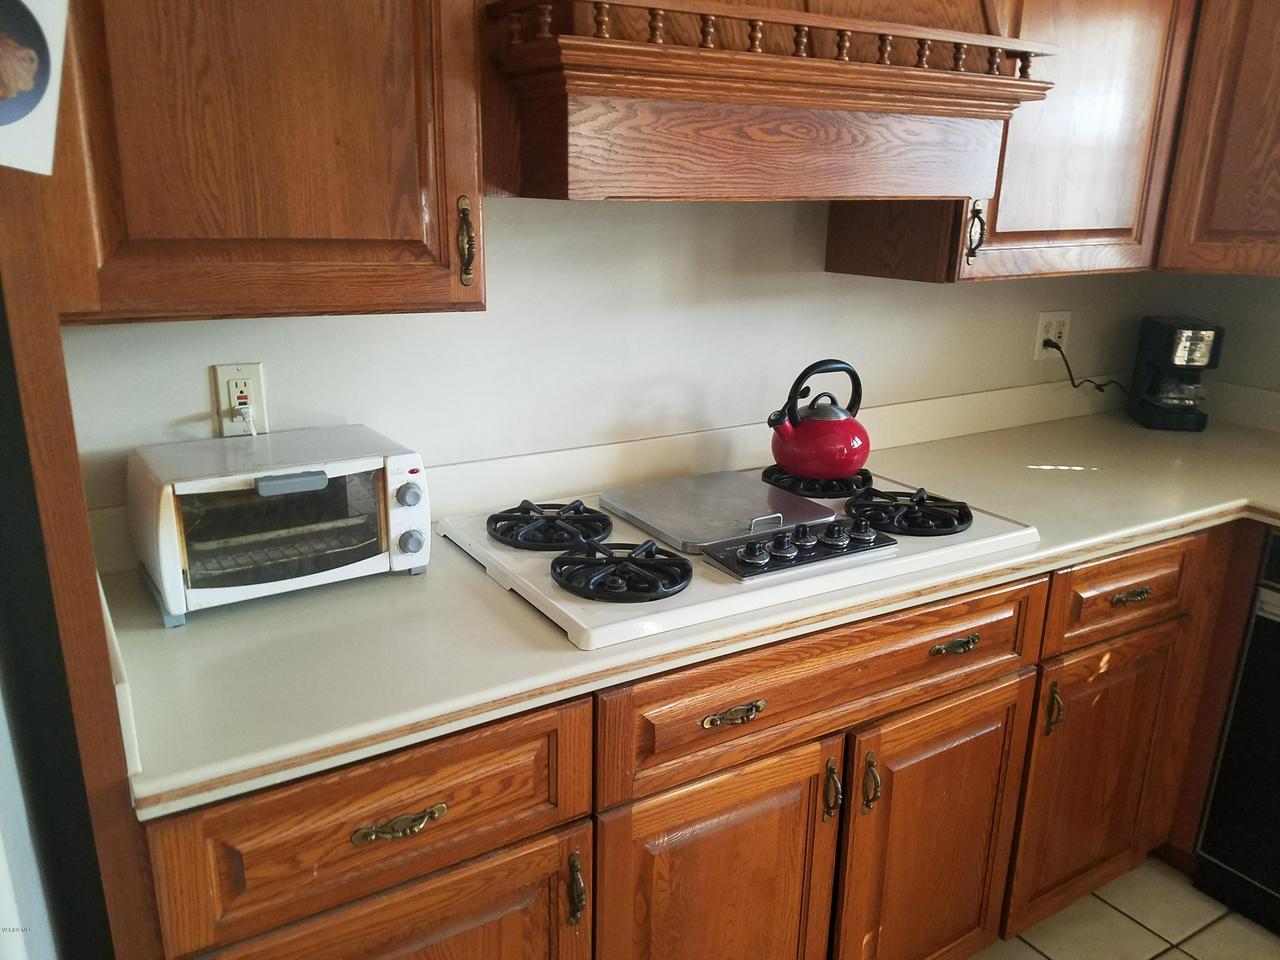 10720 TERNEZ, Moorpark, CA 93021 - Kitchen cook top